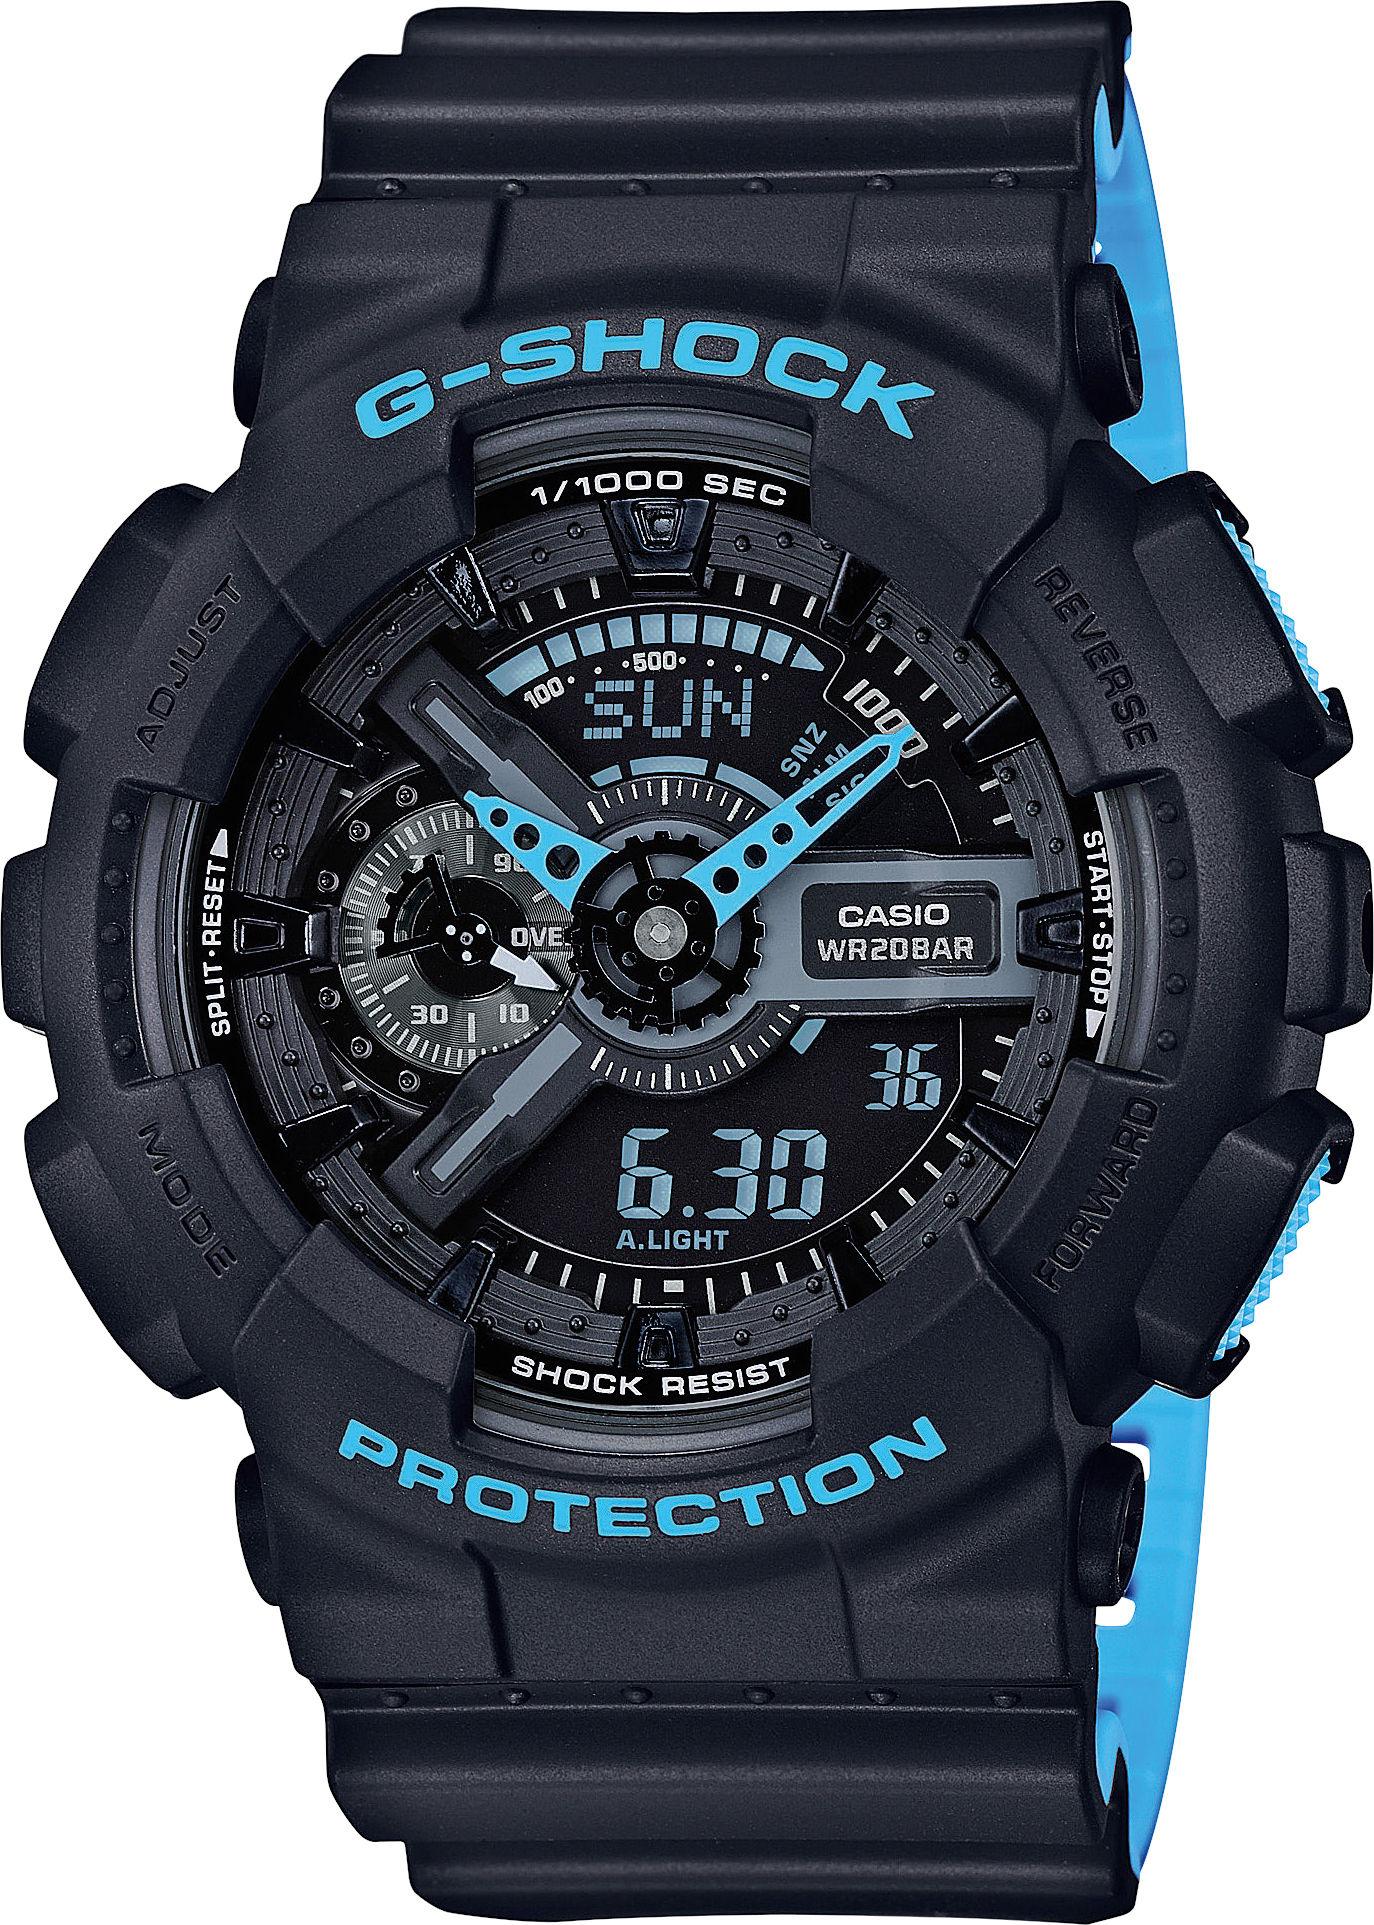 Casio G-Shock G-Classic GA-110LN-1AER